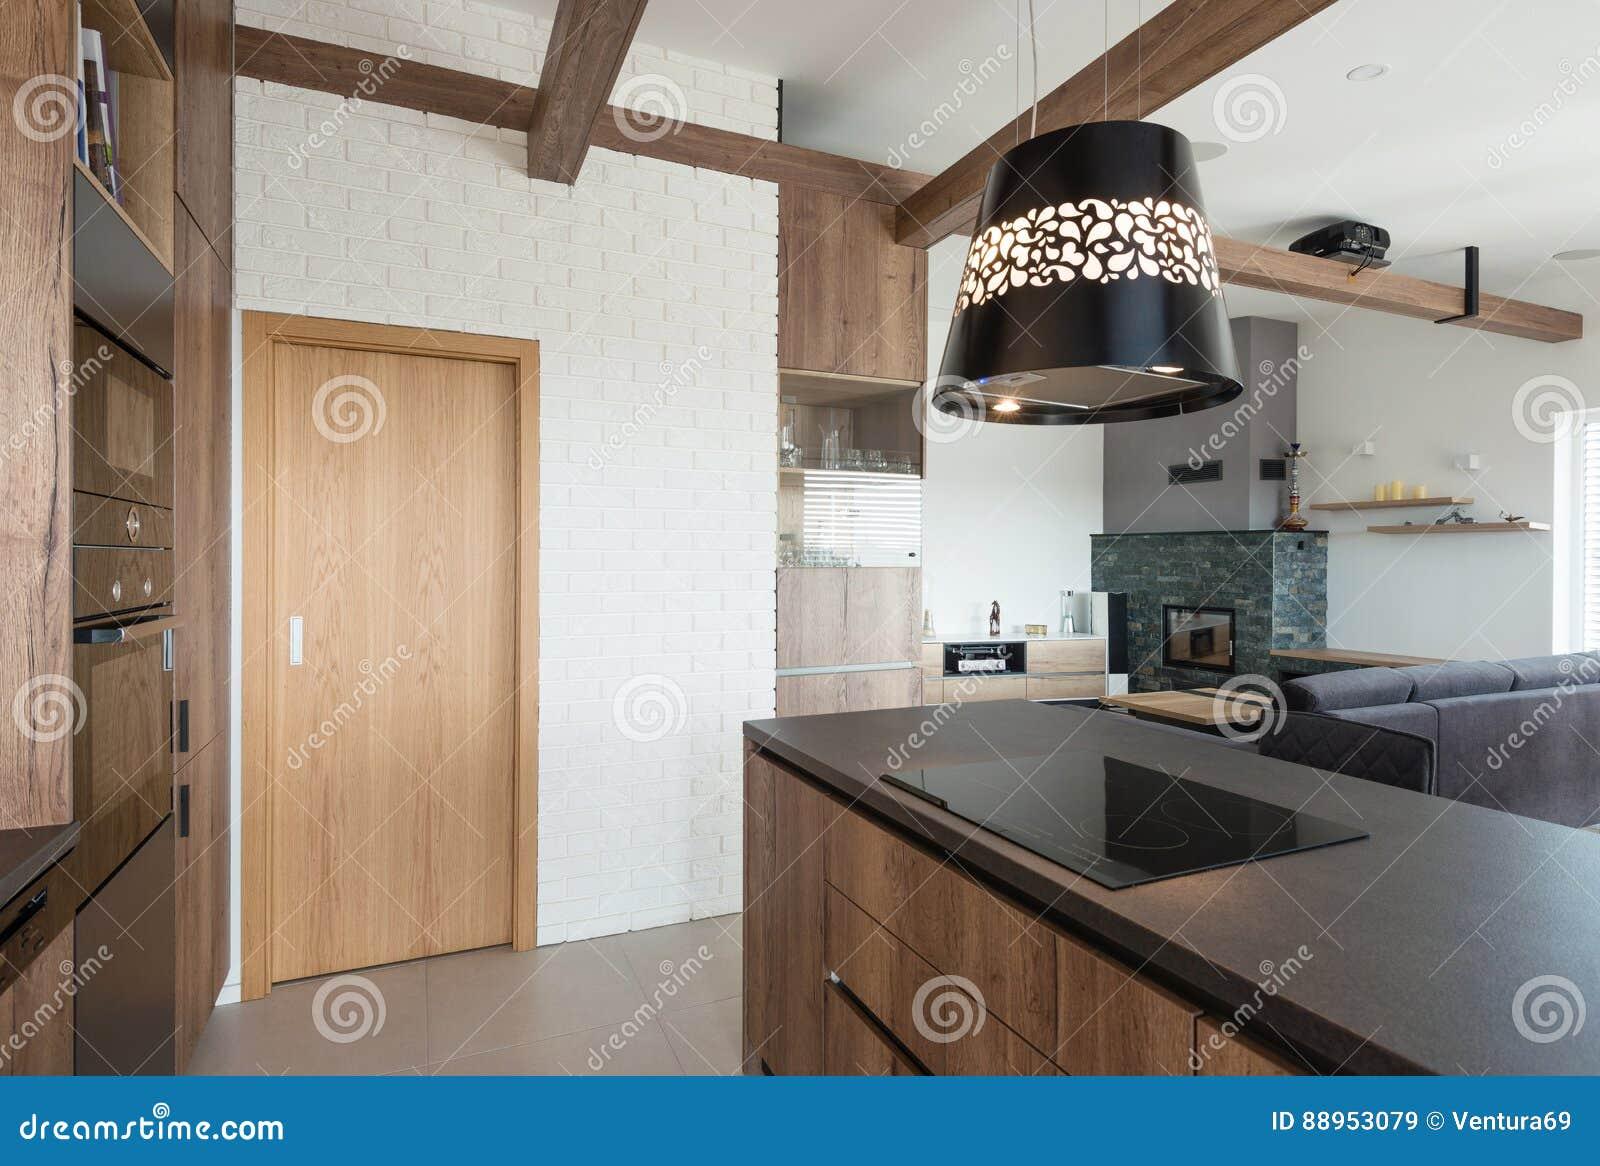 Intérieur De Maison Moderne , Cuisine Et Salon Image stock